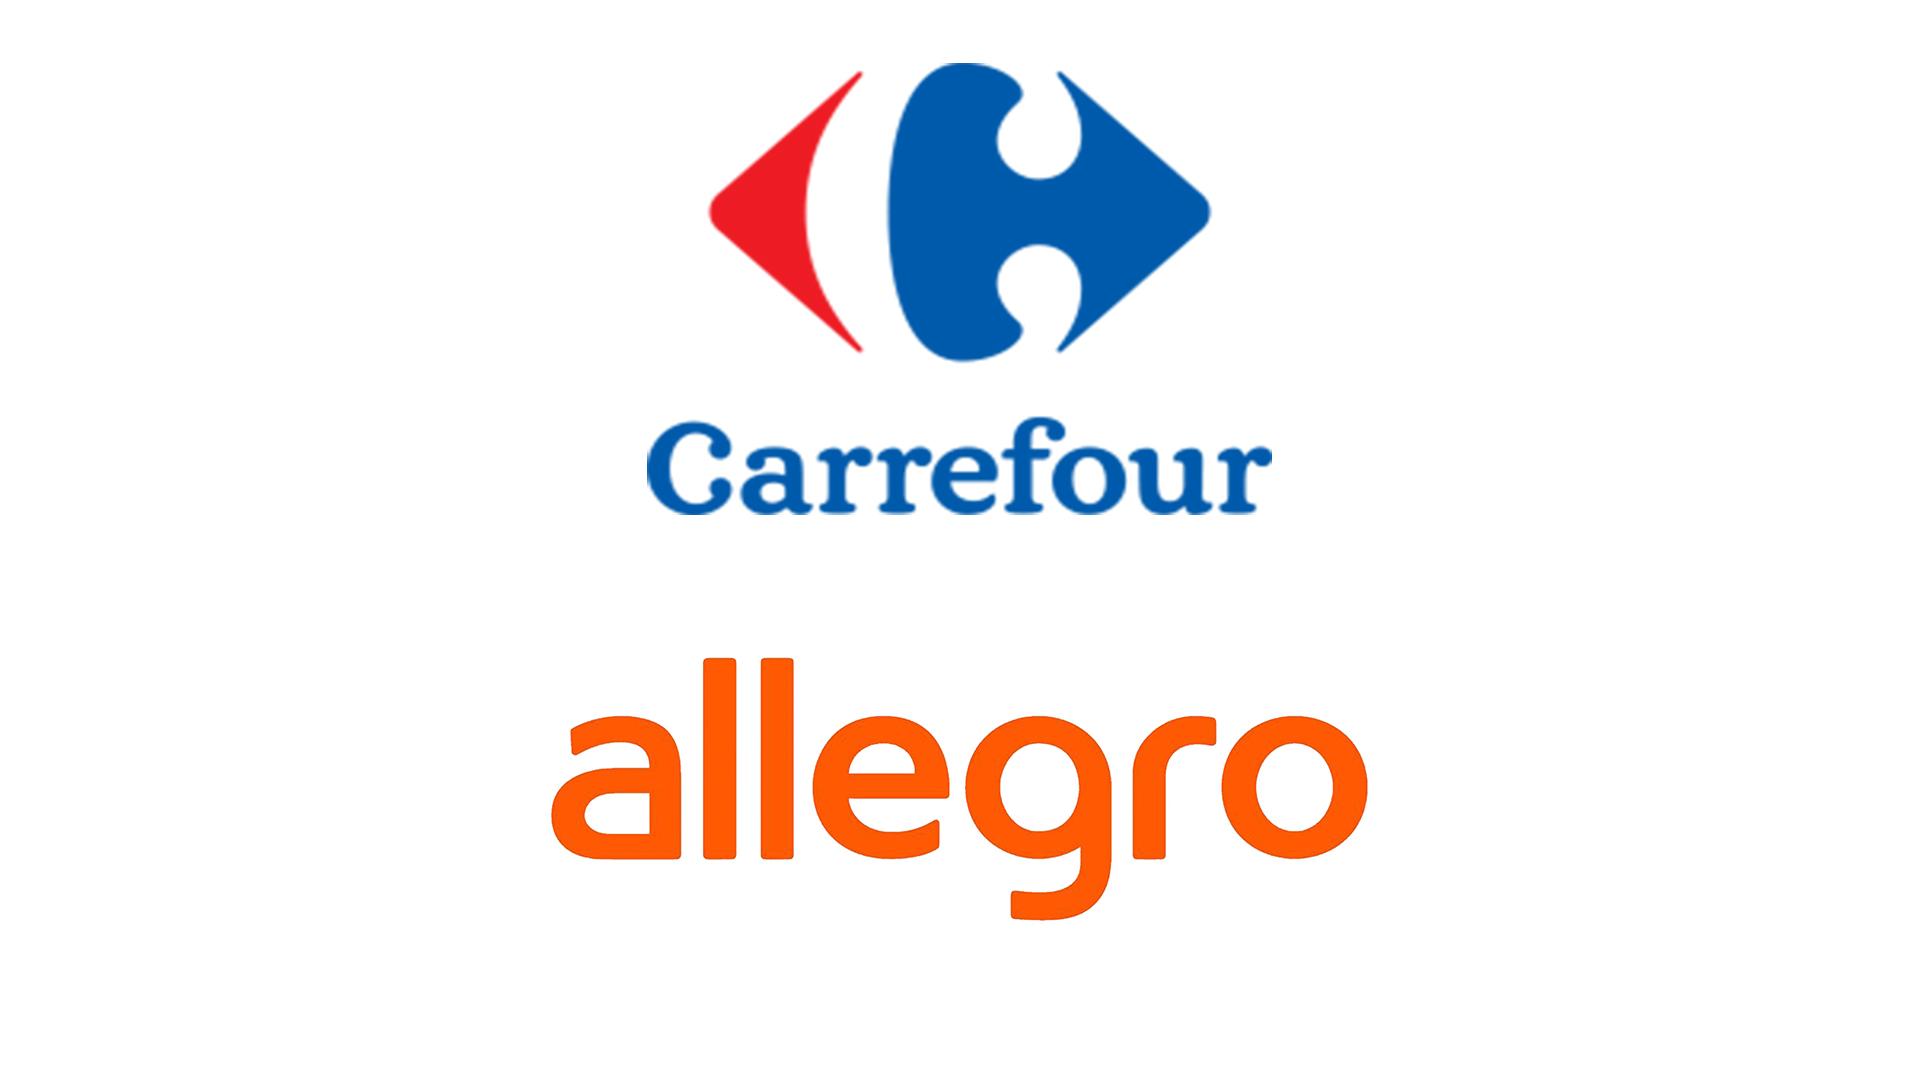 Produkty Carrefour dostępne na Allegro, a dla Allegro Smart! - bezpłatna dostawa